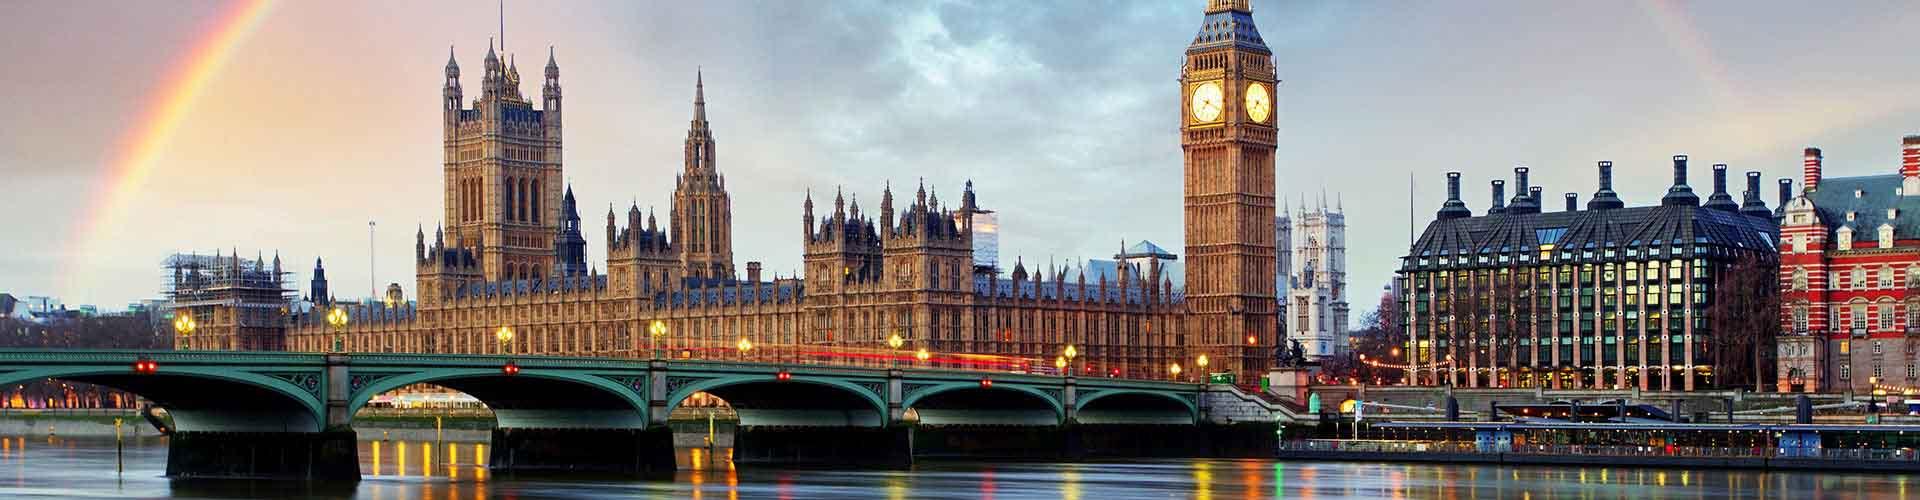 런던 - Borough of Westminster 지구의 호스텔. 런던의 지도, 런던에 위치한 호스텔 사진 및 후기 정보.